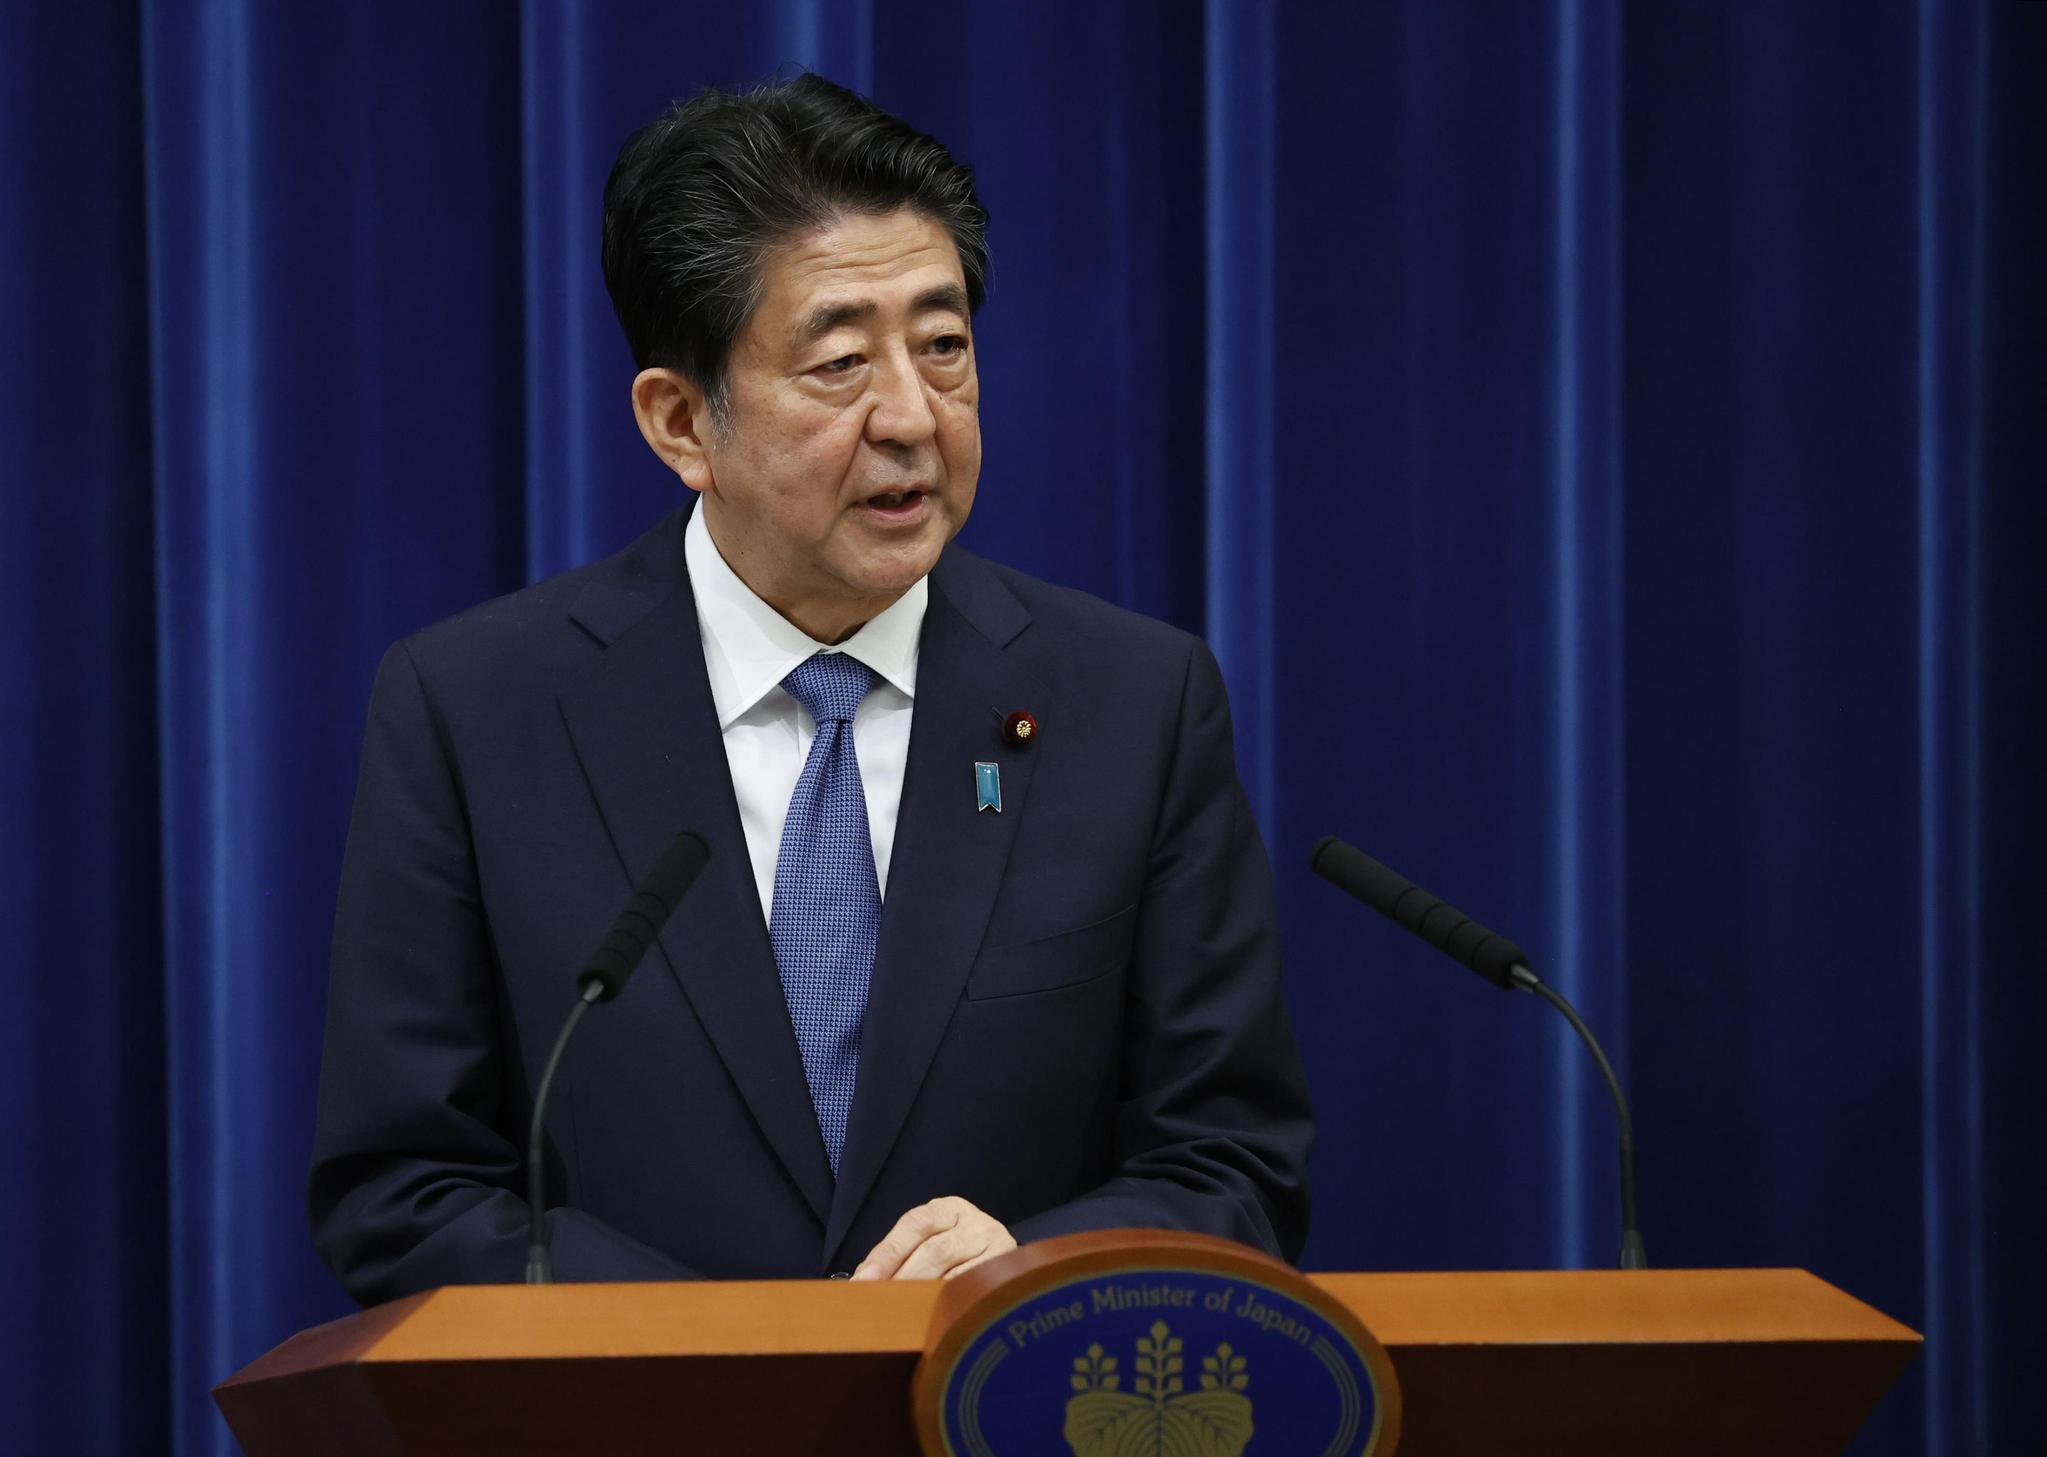 아베 신조(安倍晋三) 일본 총리. 도쿄 교도=연합뉴스